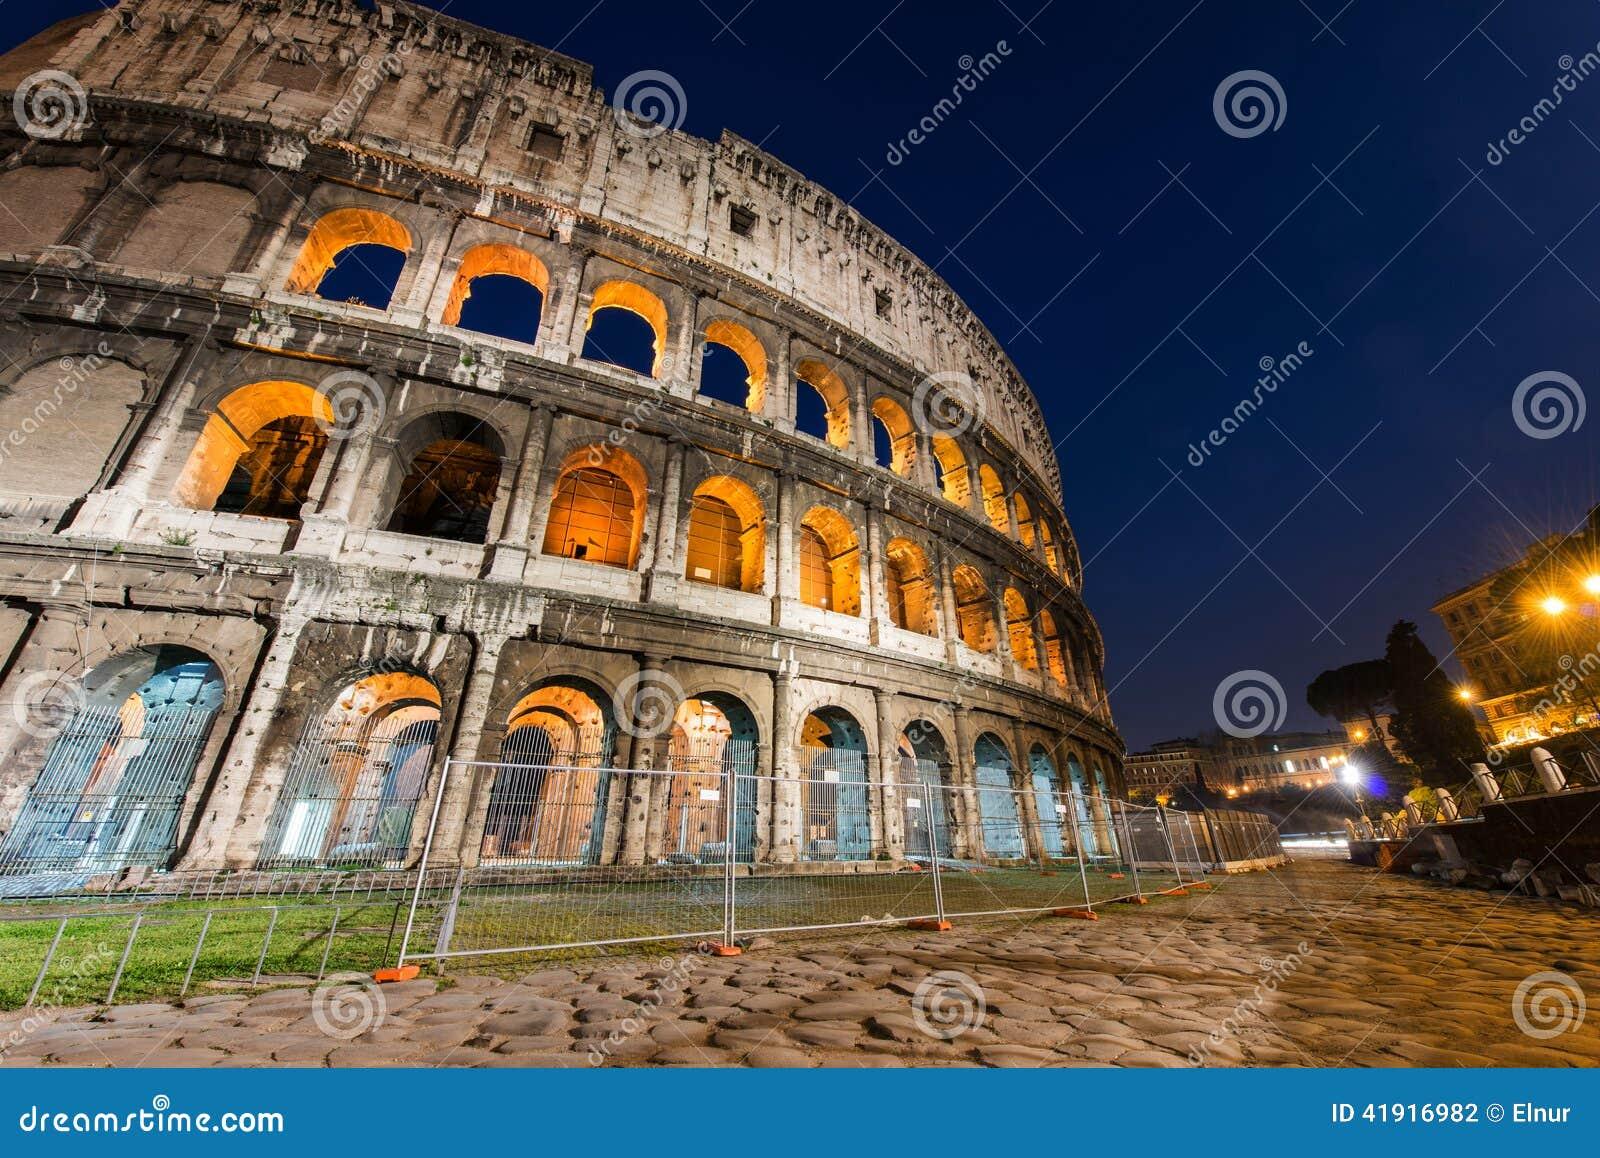 Colosseum famoso durante la tarde